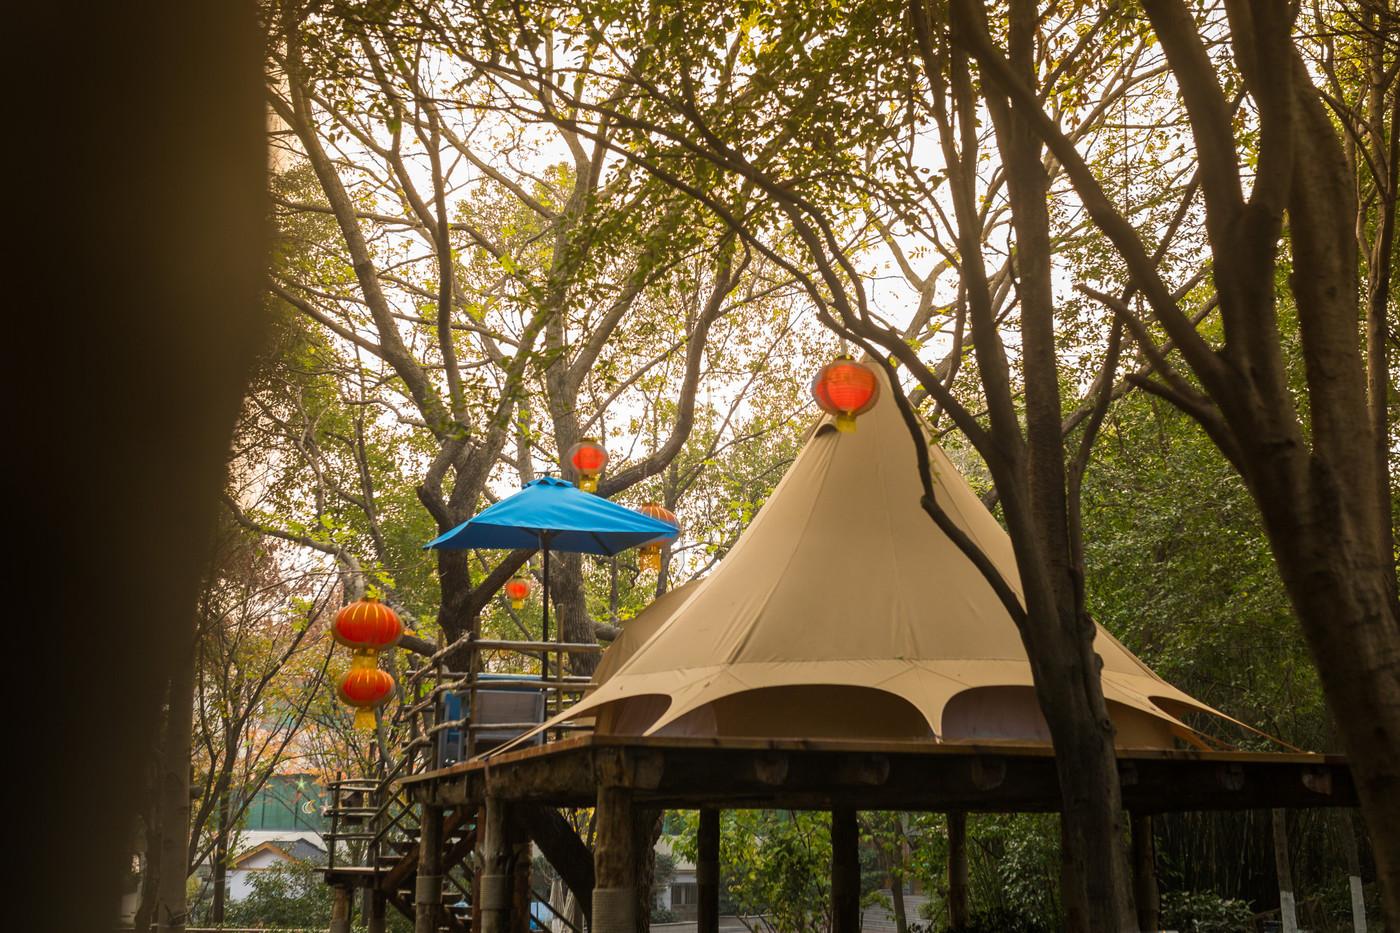 喜马拉雅野奢帐篷酒店—江苏常州天目湖树屋帐篷酒店21